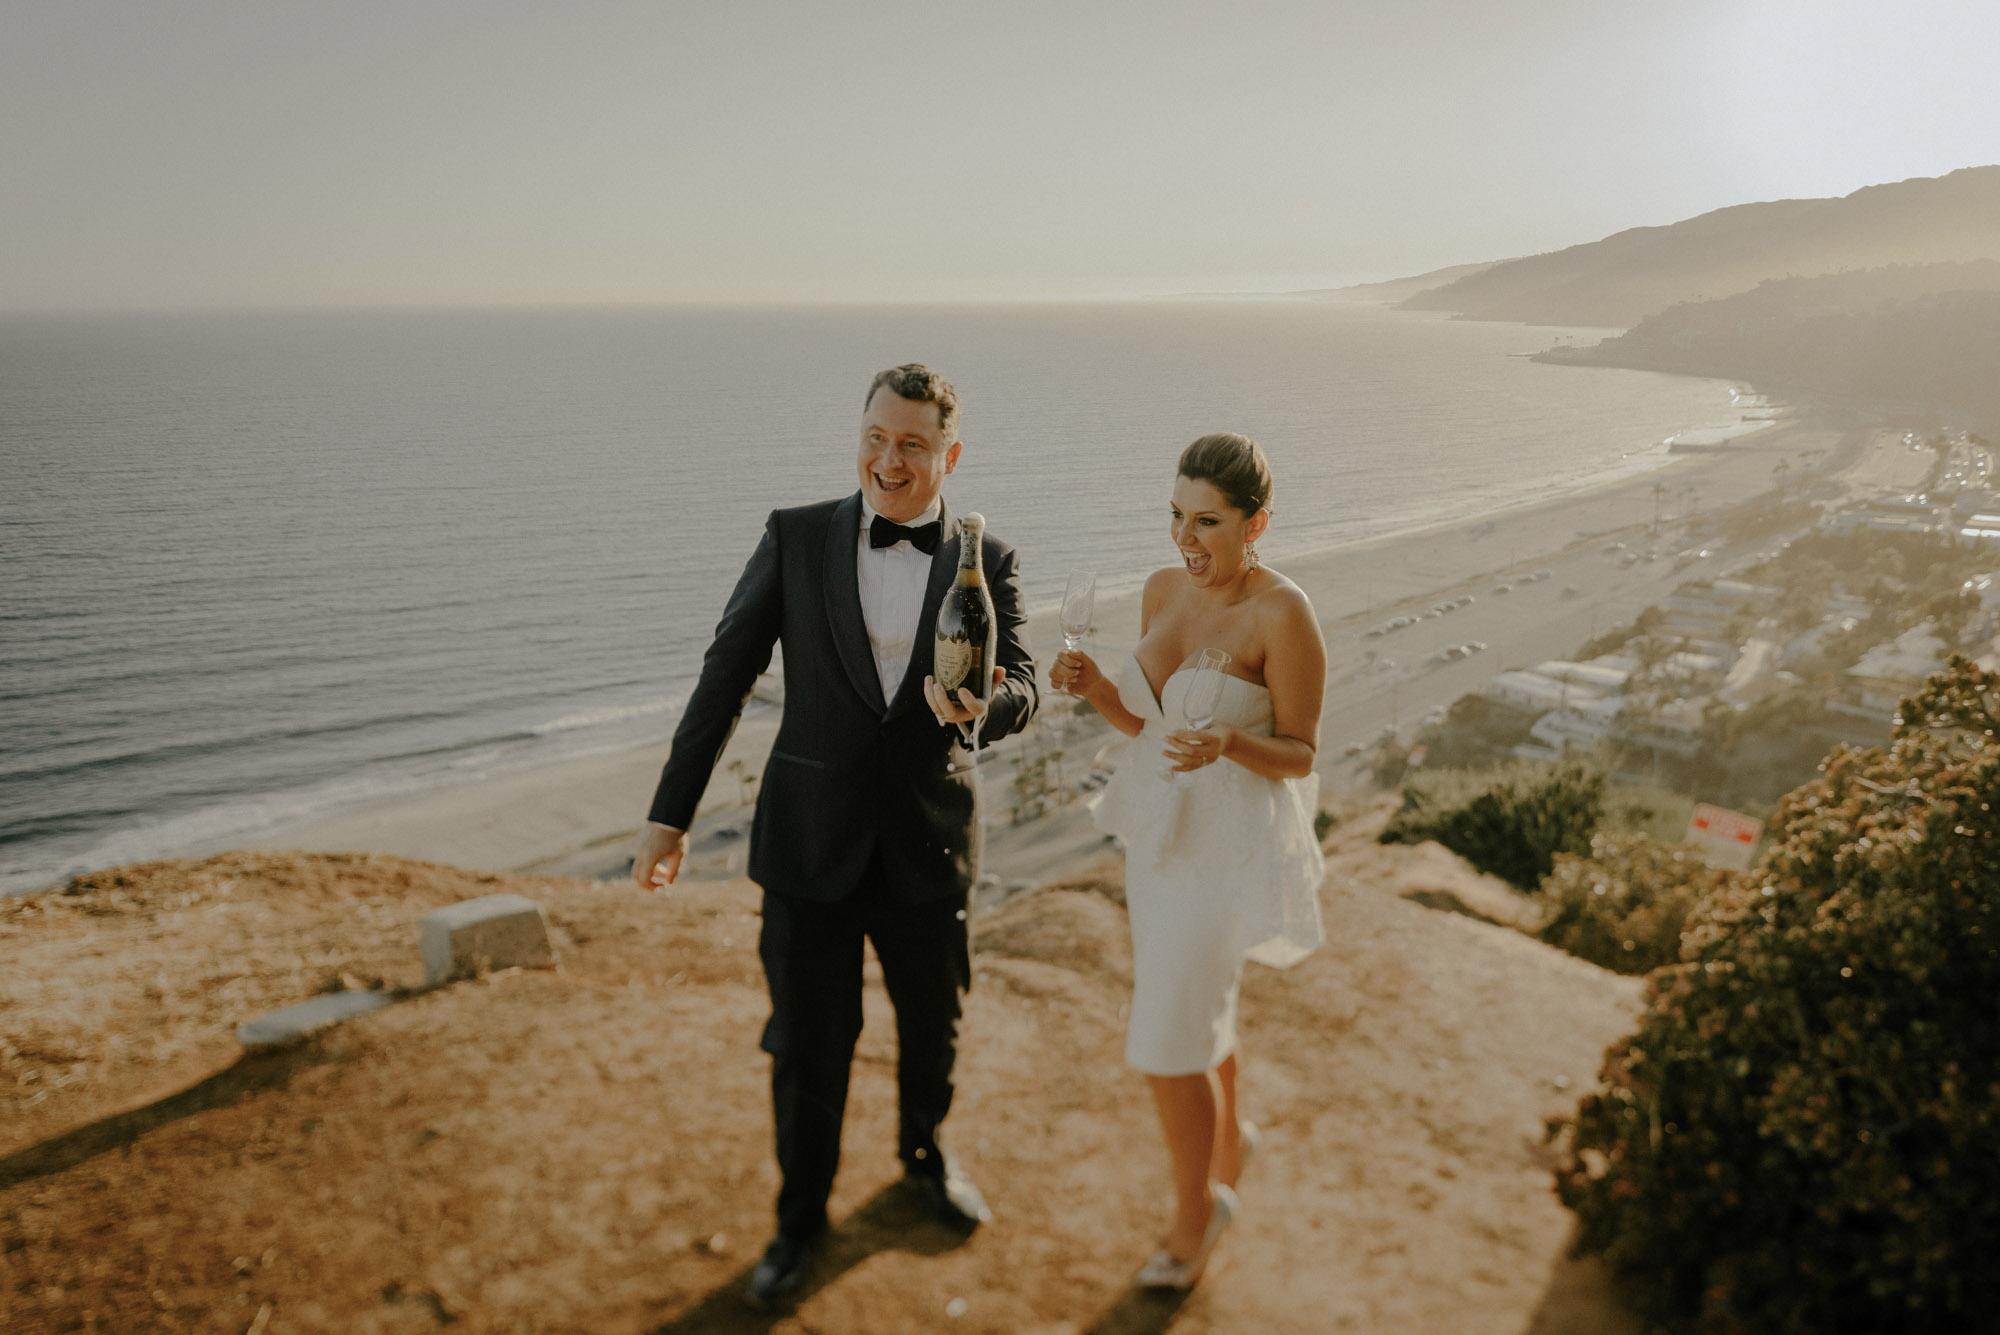 Ebony-Jason-Wedding-Indulge-Magazine-12-of-16.jpg